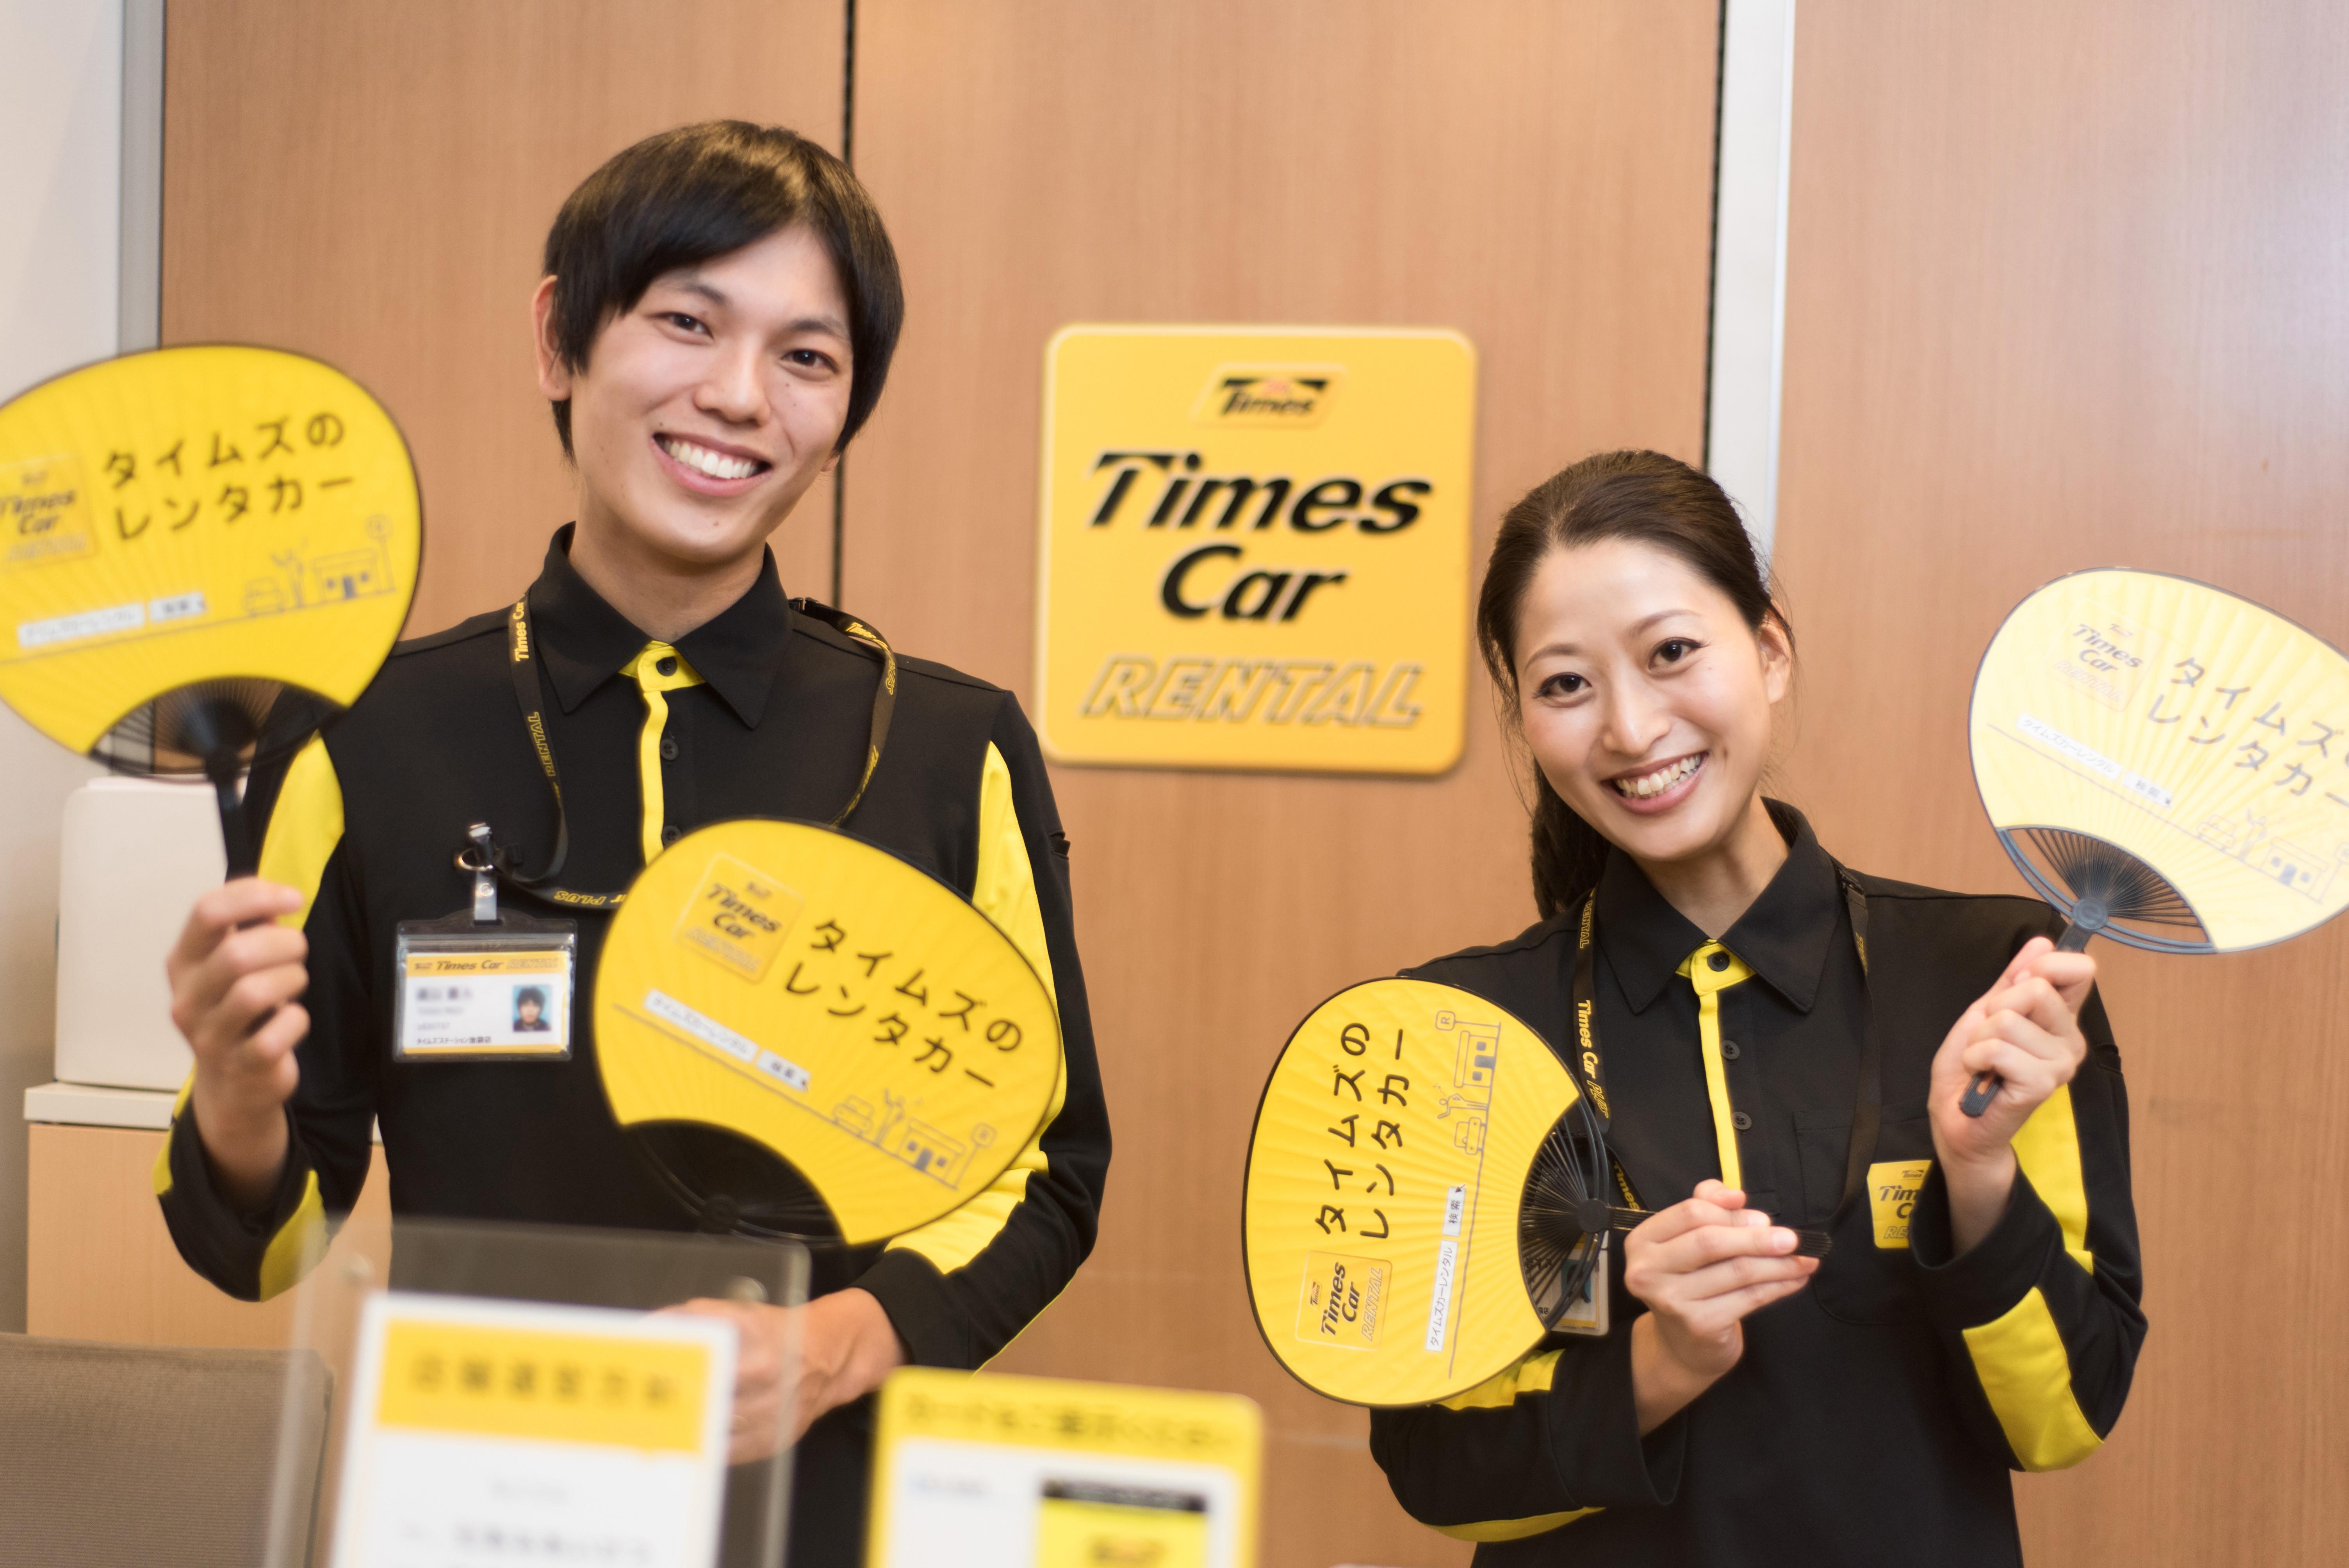 タイムズカーレンタル 広島駅南口店(BIG FRONT ひろしま) のアルバイト情報